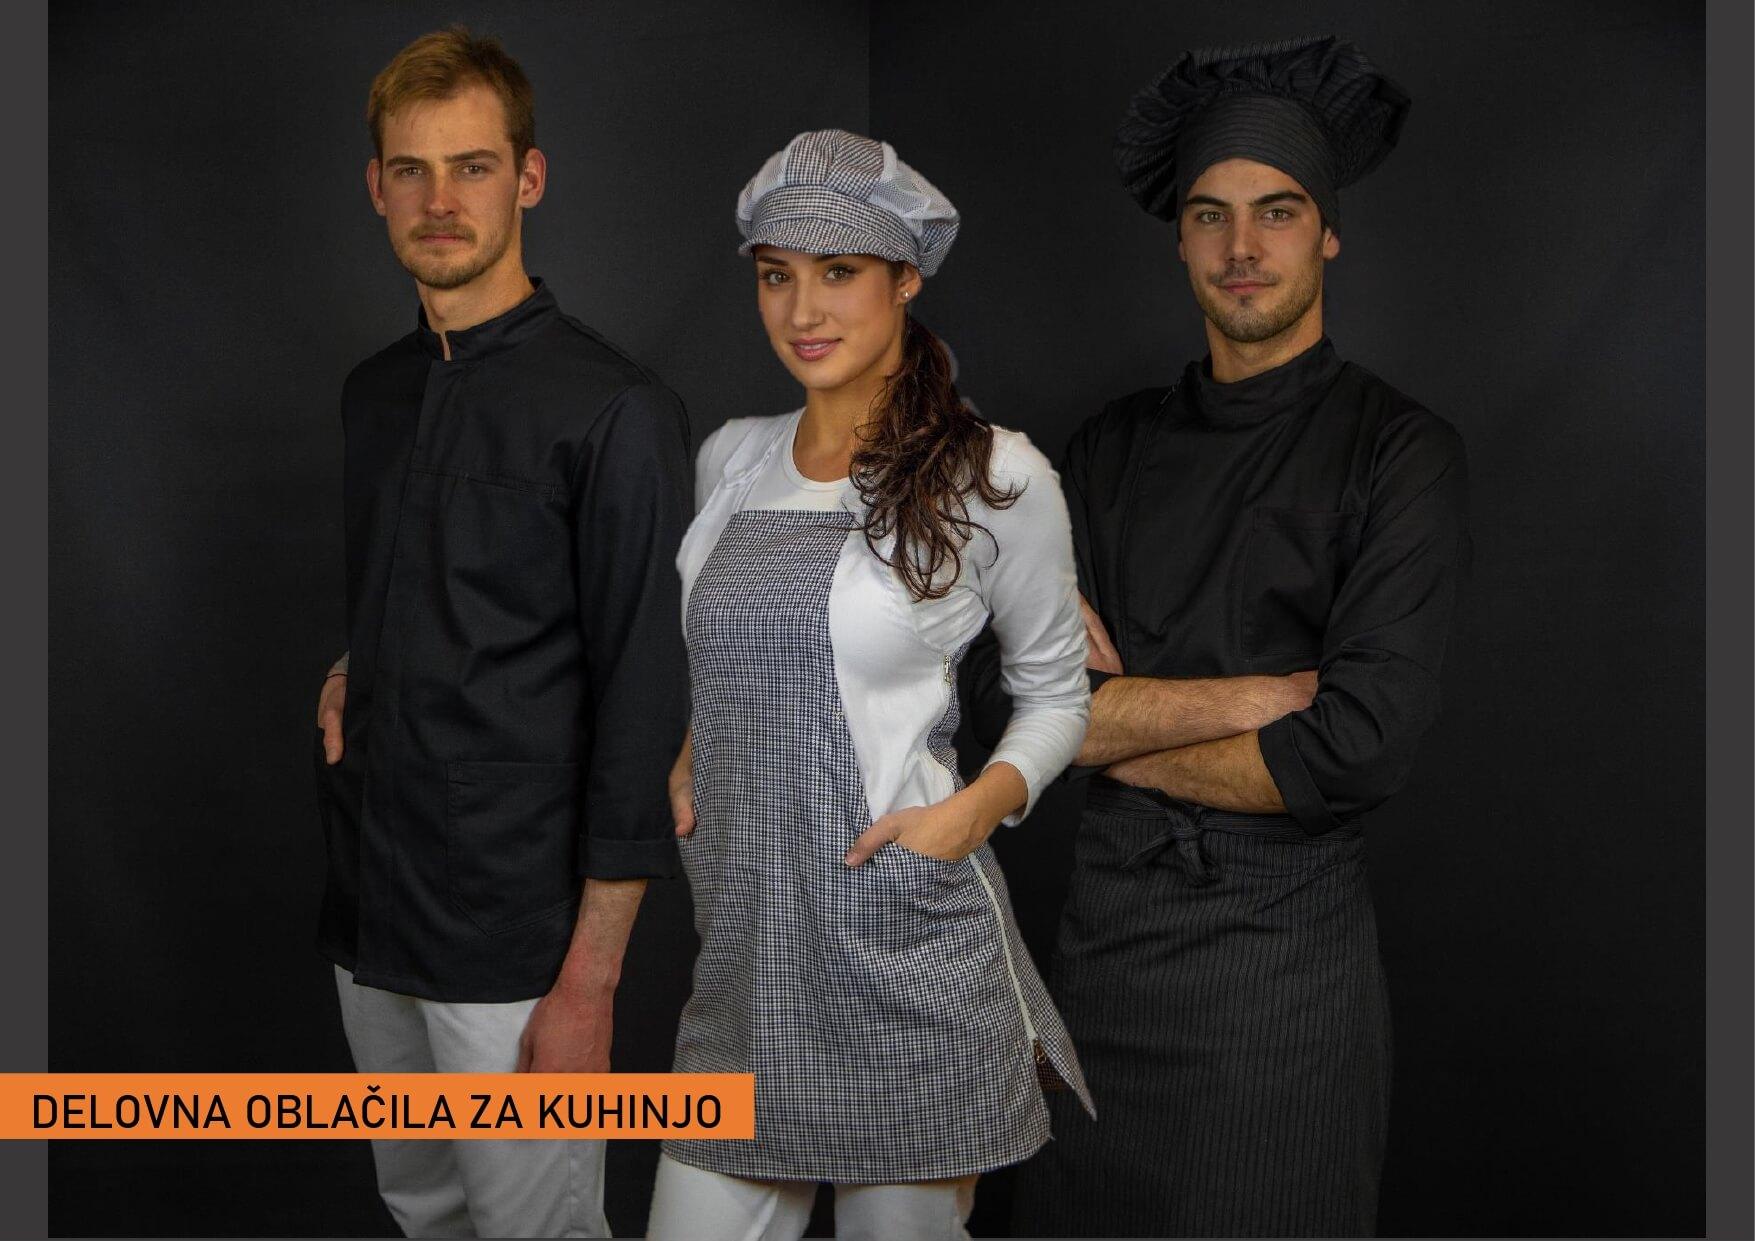 Delovna oblačila za kuhinjo